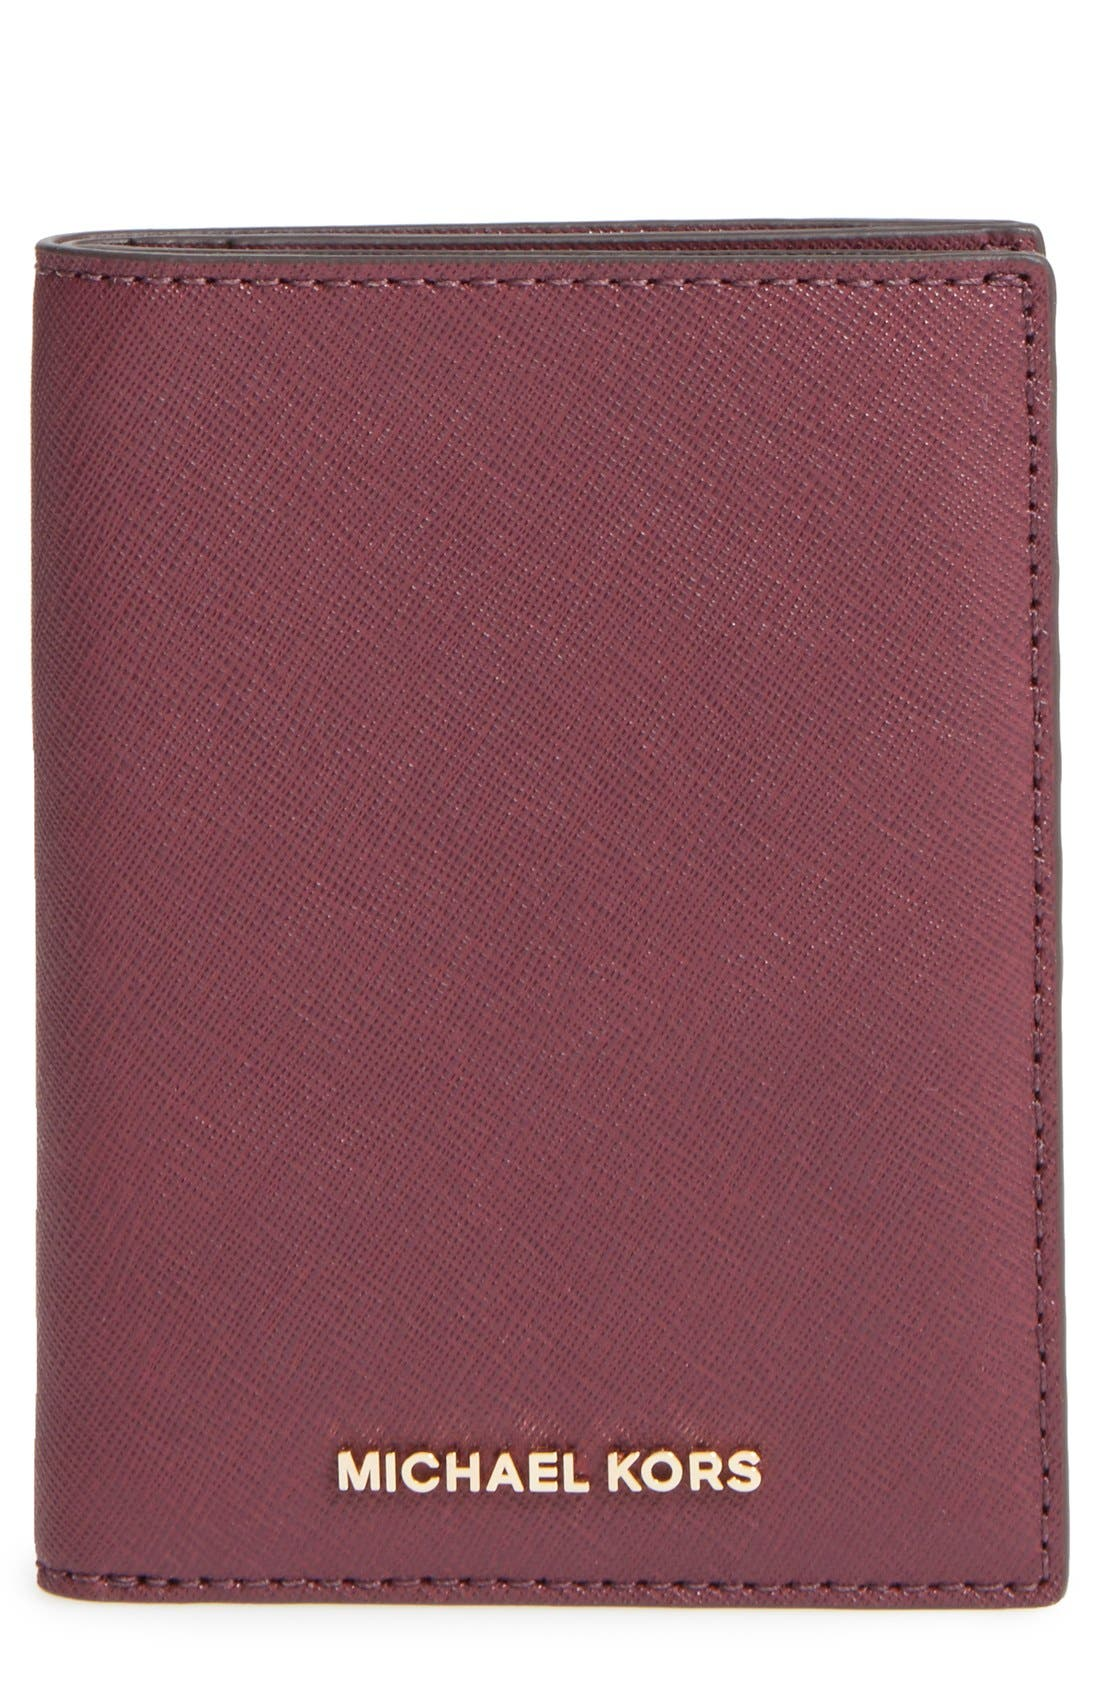 'Jet Set' Leather Passport Wallet,                         Main,                         color, Plum/ Gold